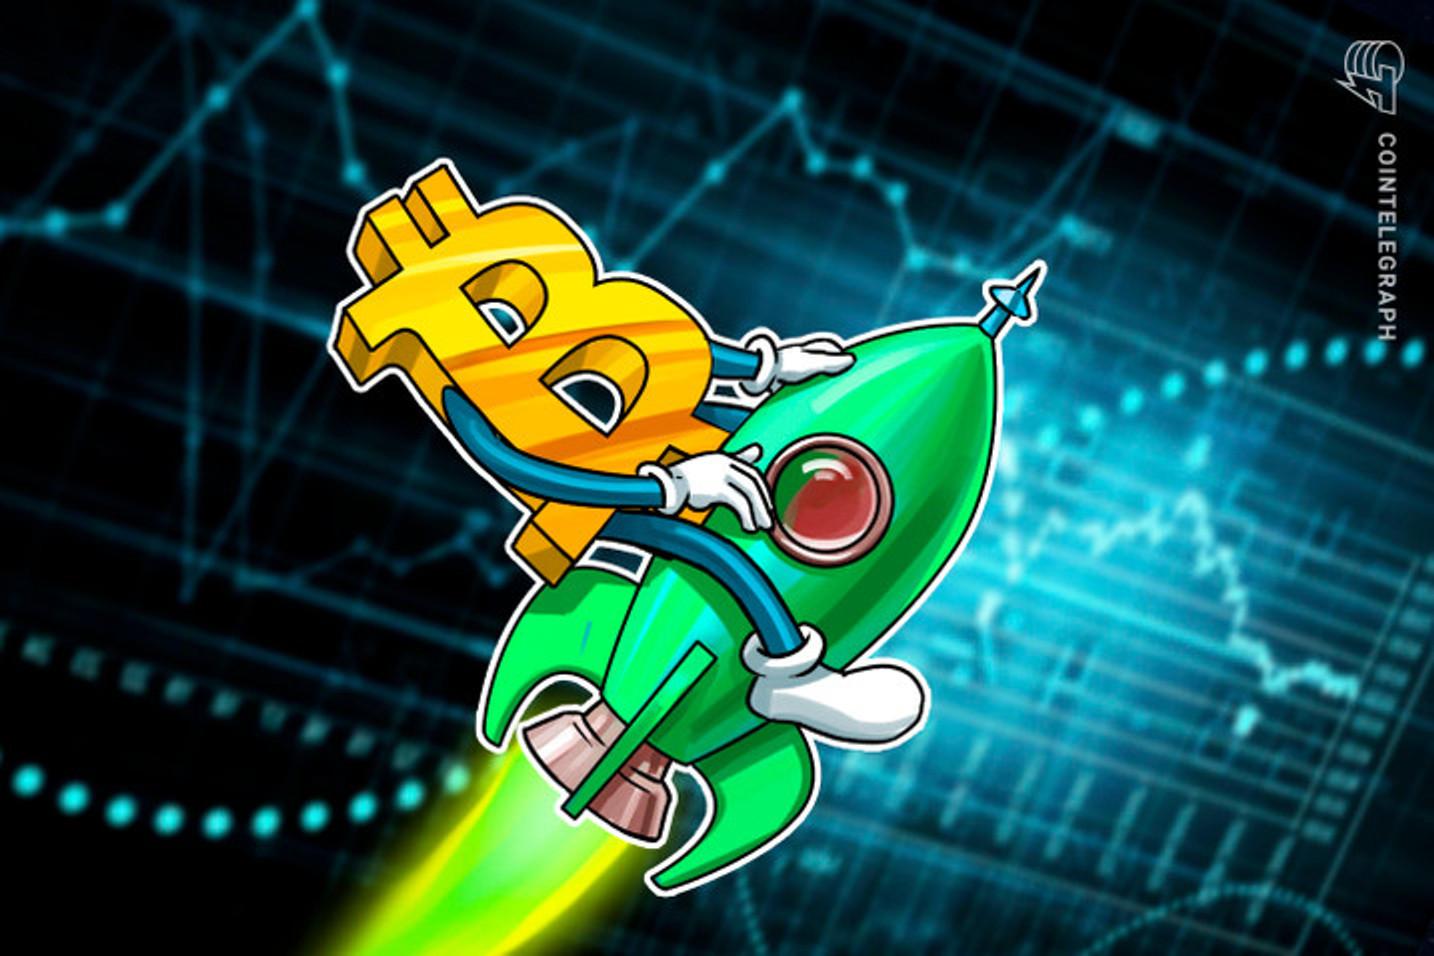 【速報】ビットコインが400万円突破  一週間で100万円上昇